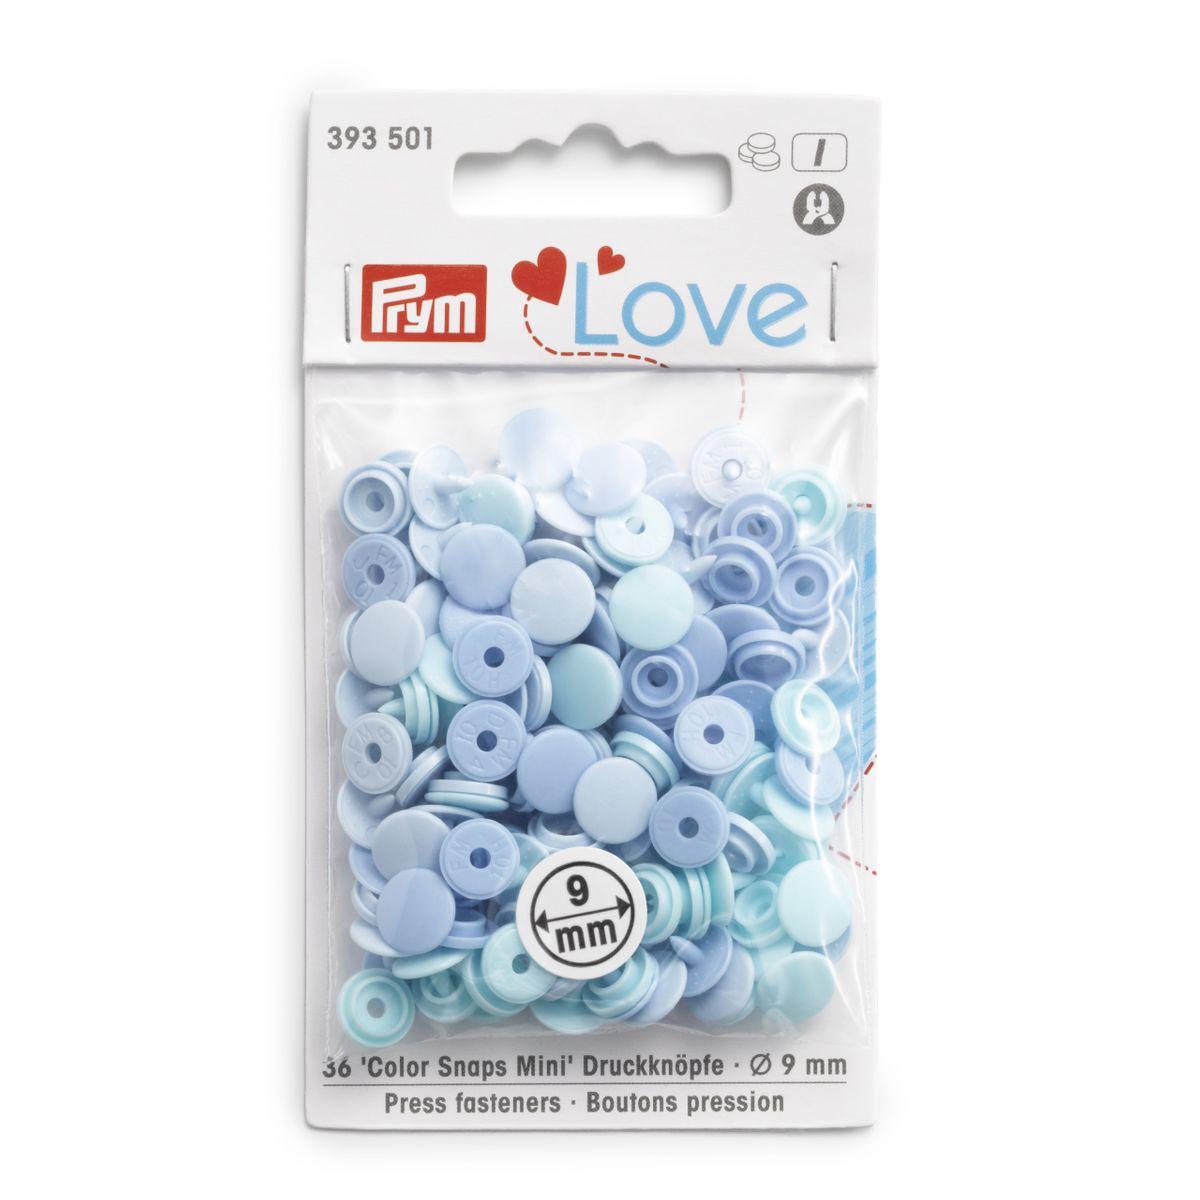 Prym Color Snaps Mini Druckknöpfe Kunststoff 9mm 36 Stück hellblau